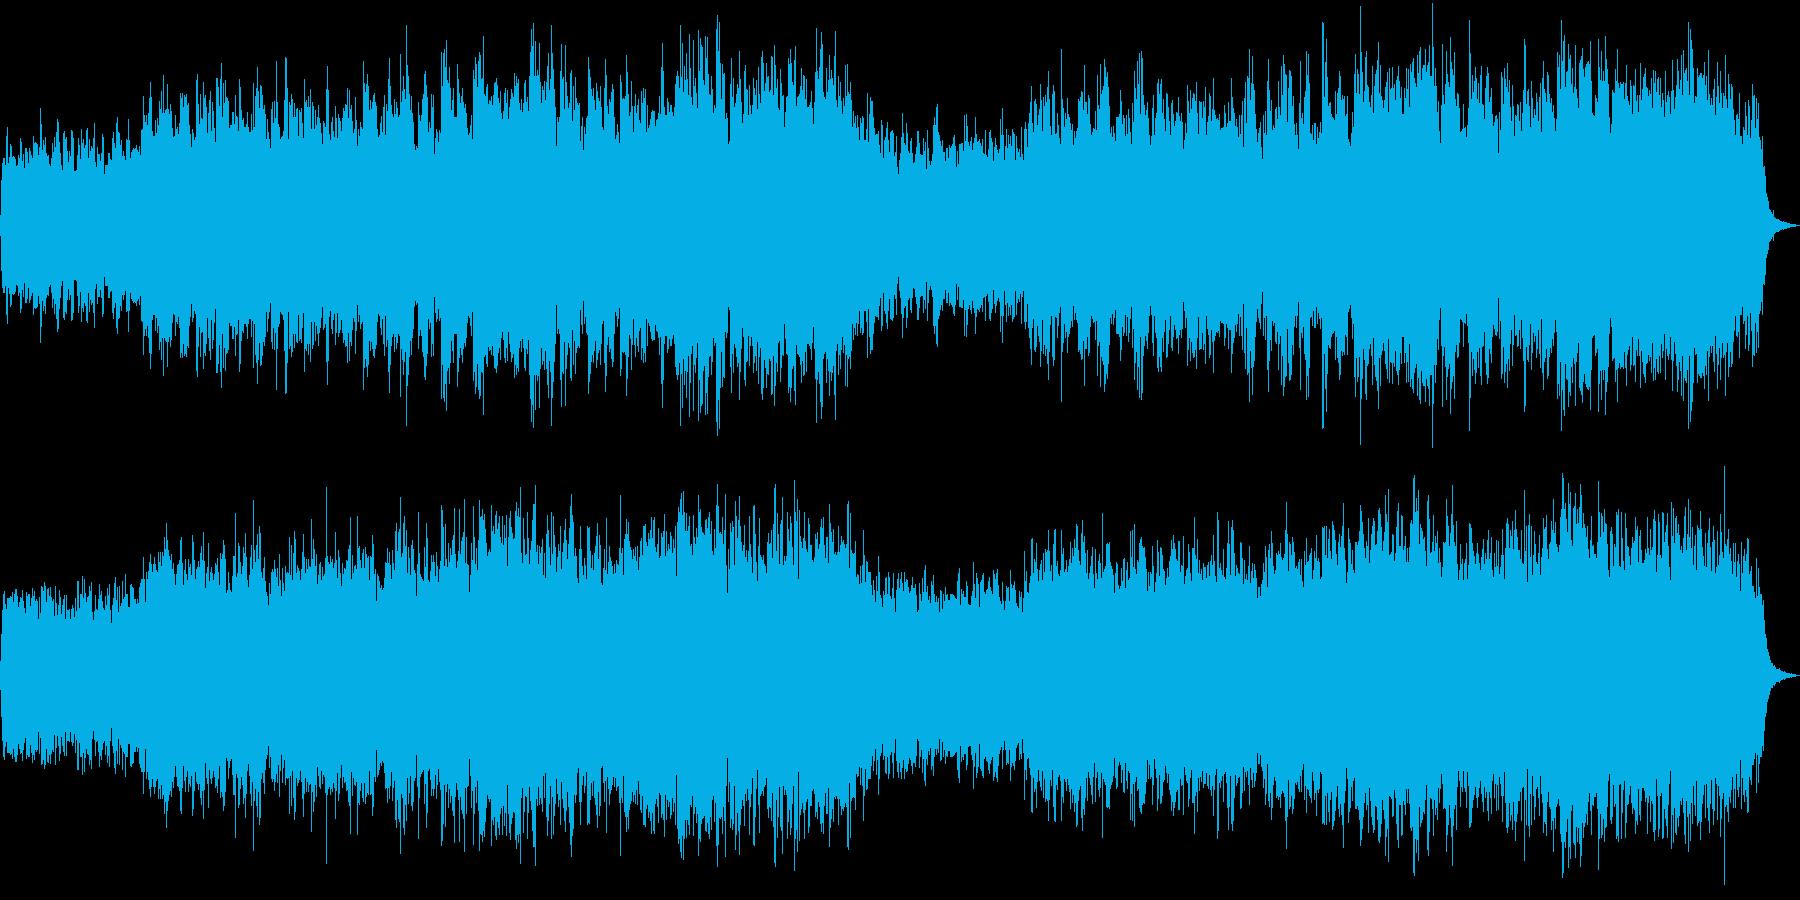 喜多郎風のゆったりとした壮大な和風曲の再生済みの波形